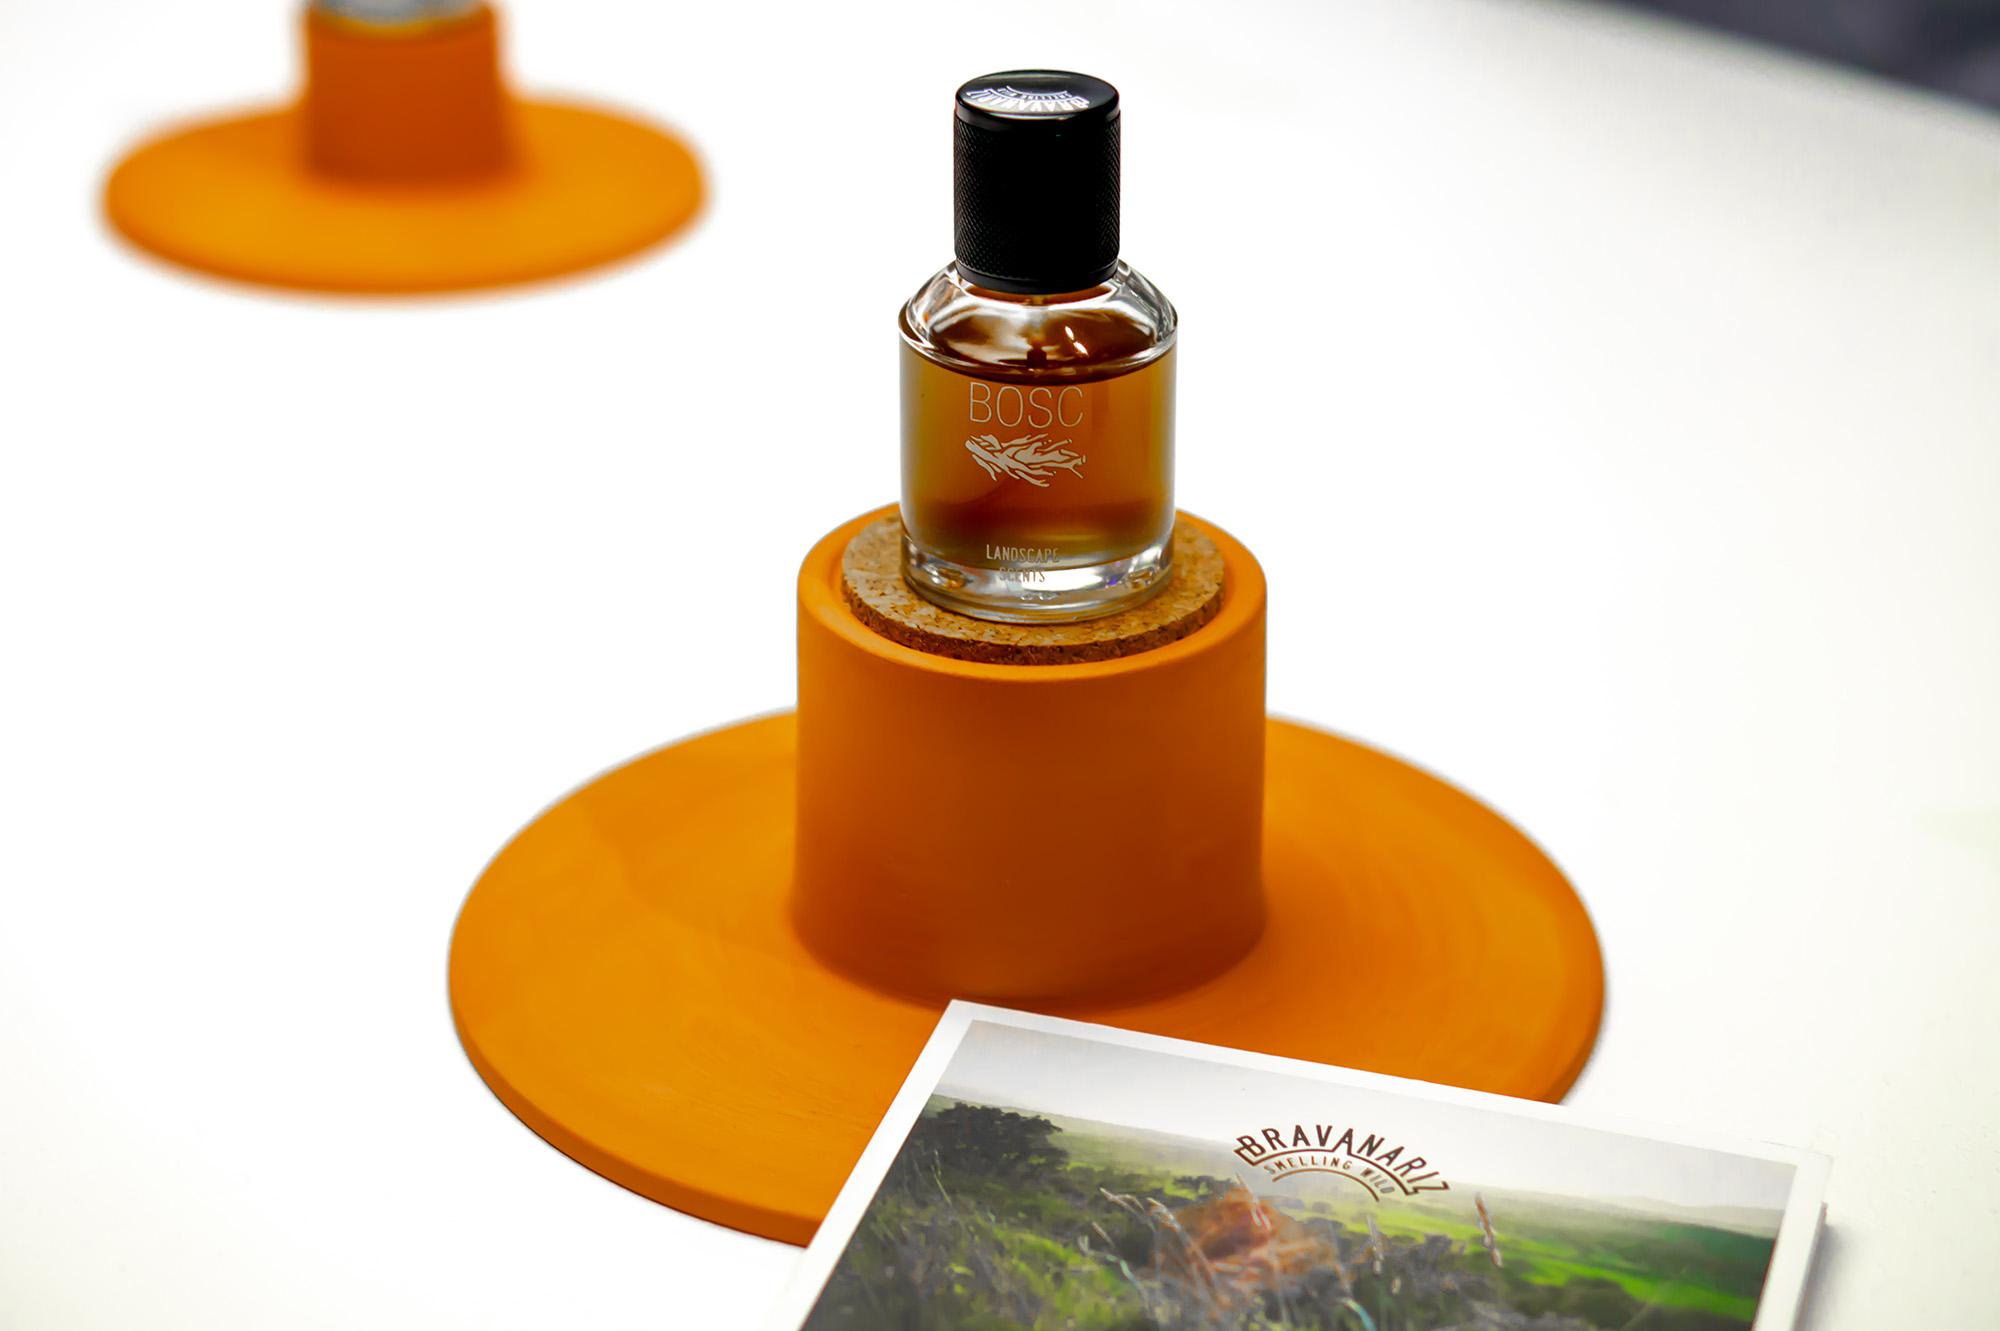 Bravanariz Pitti Fragranze Niche perfume Nischenparfüm нишевая парфюмерия